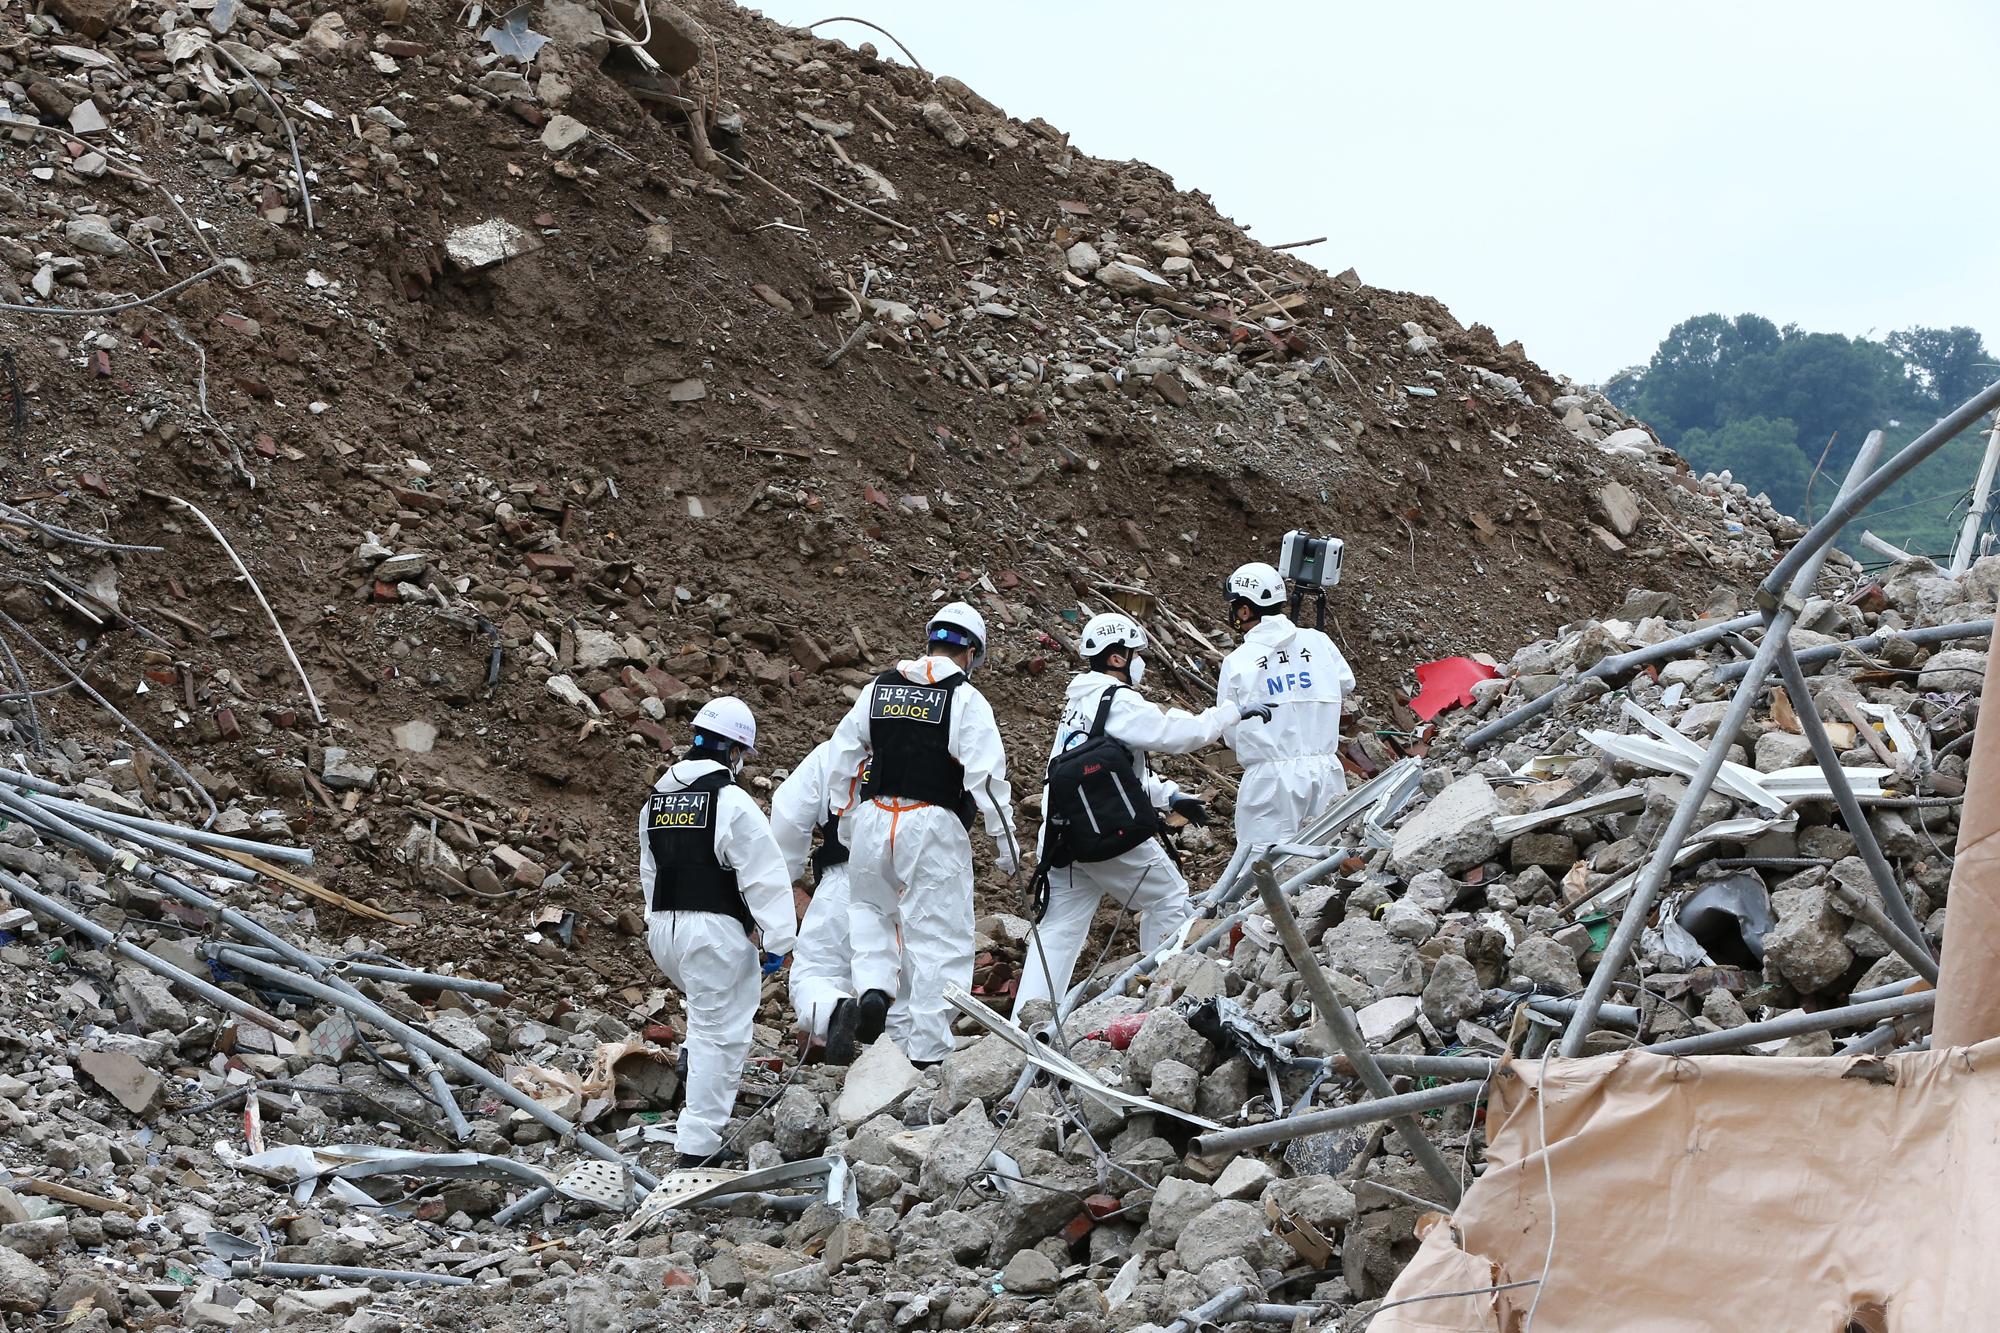 10일 오후 17명 사상자 낸 광주 재건축 건물 붕괴사고 현장에서 합동감식을 하고 있다. 중앙포토